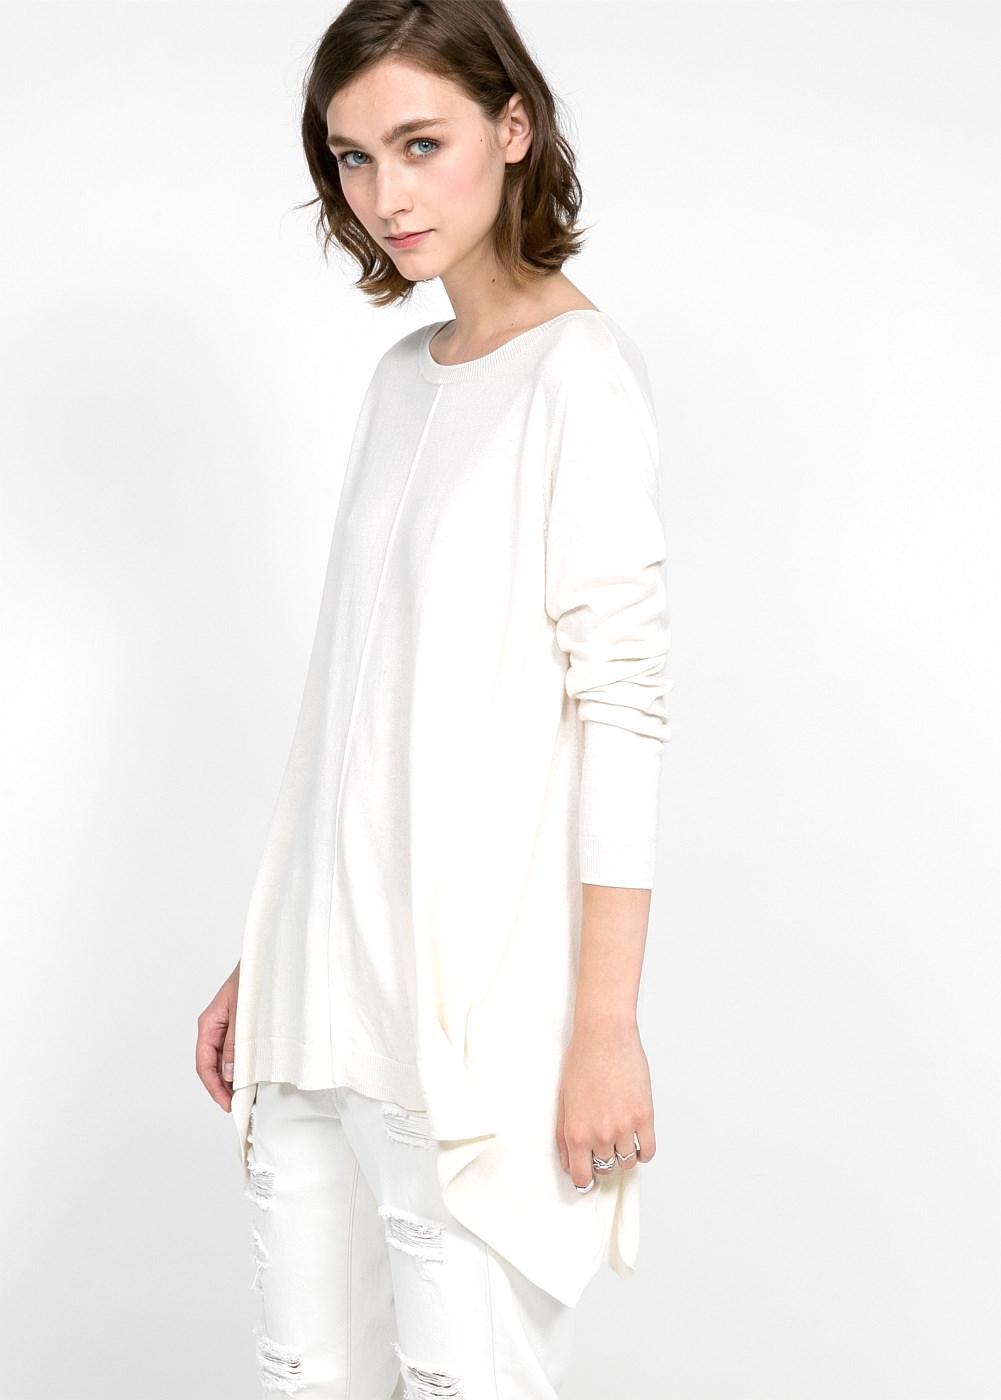 bílý outfit